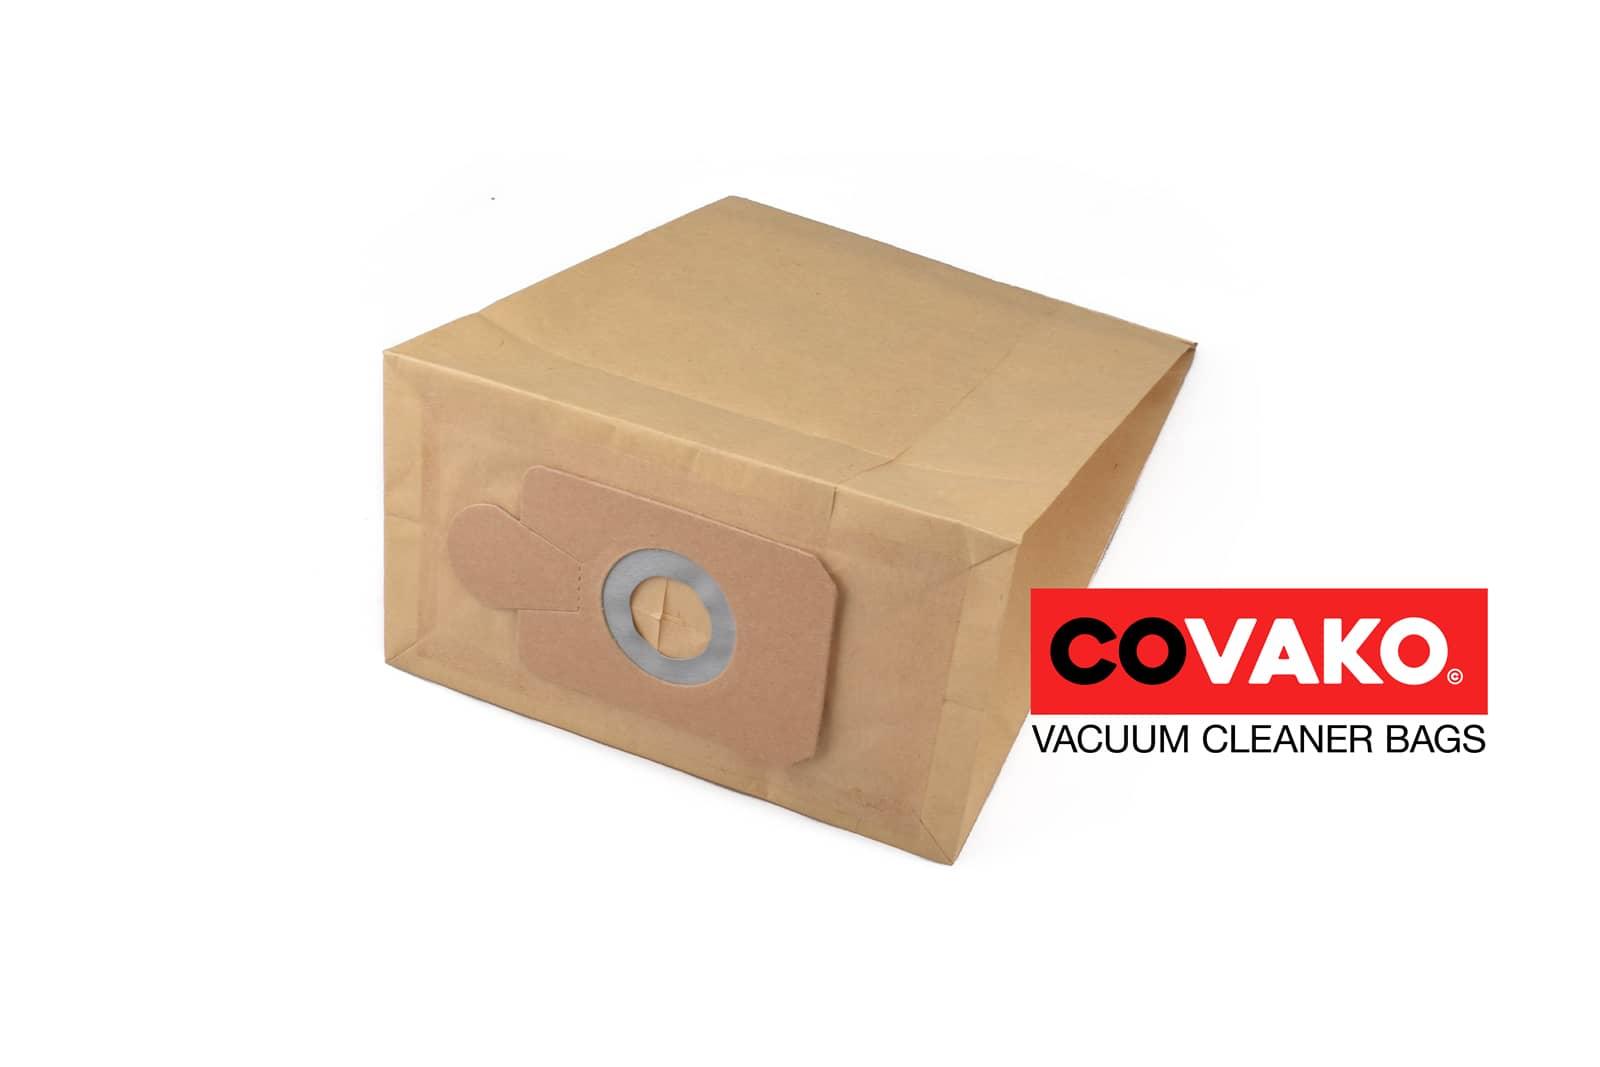 Numatic HVR 160-11 / Papier - Numatic Staubsaugerbeutel